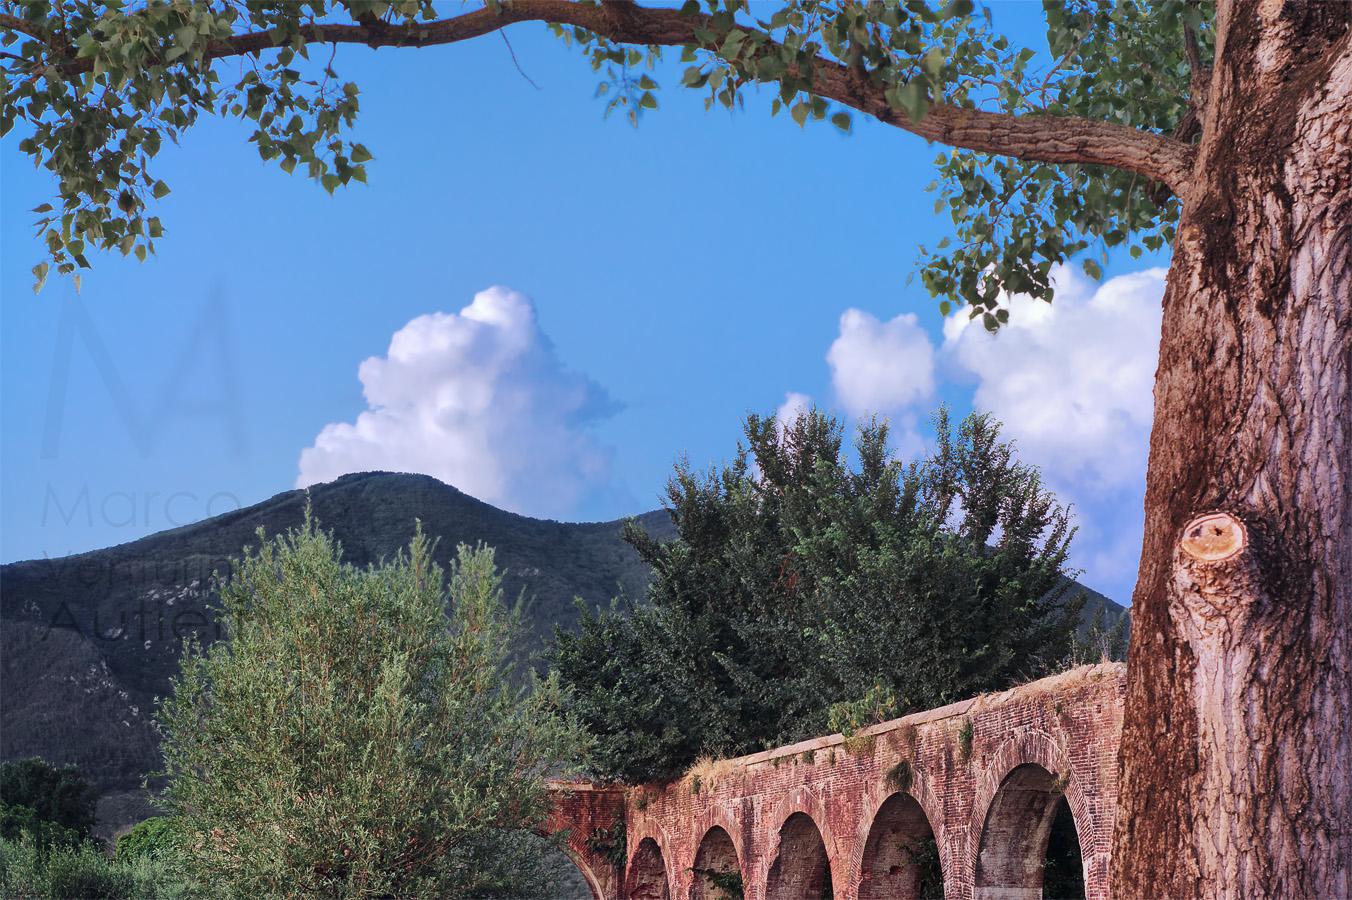 L'acquedotto di Asciano Pisano